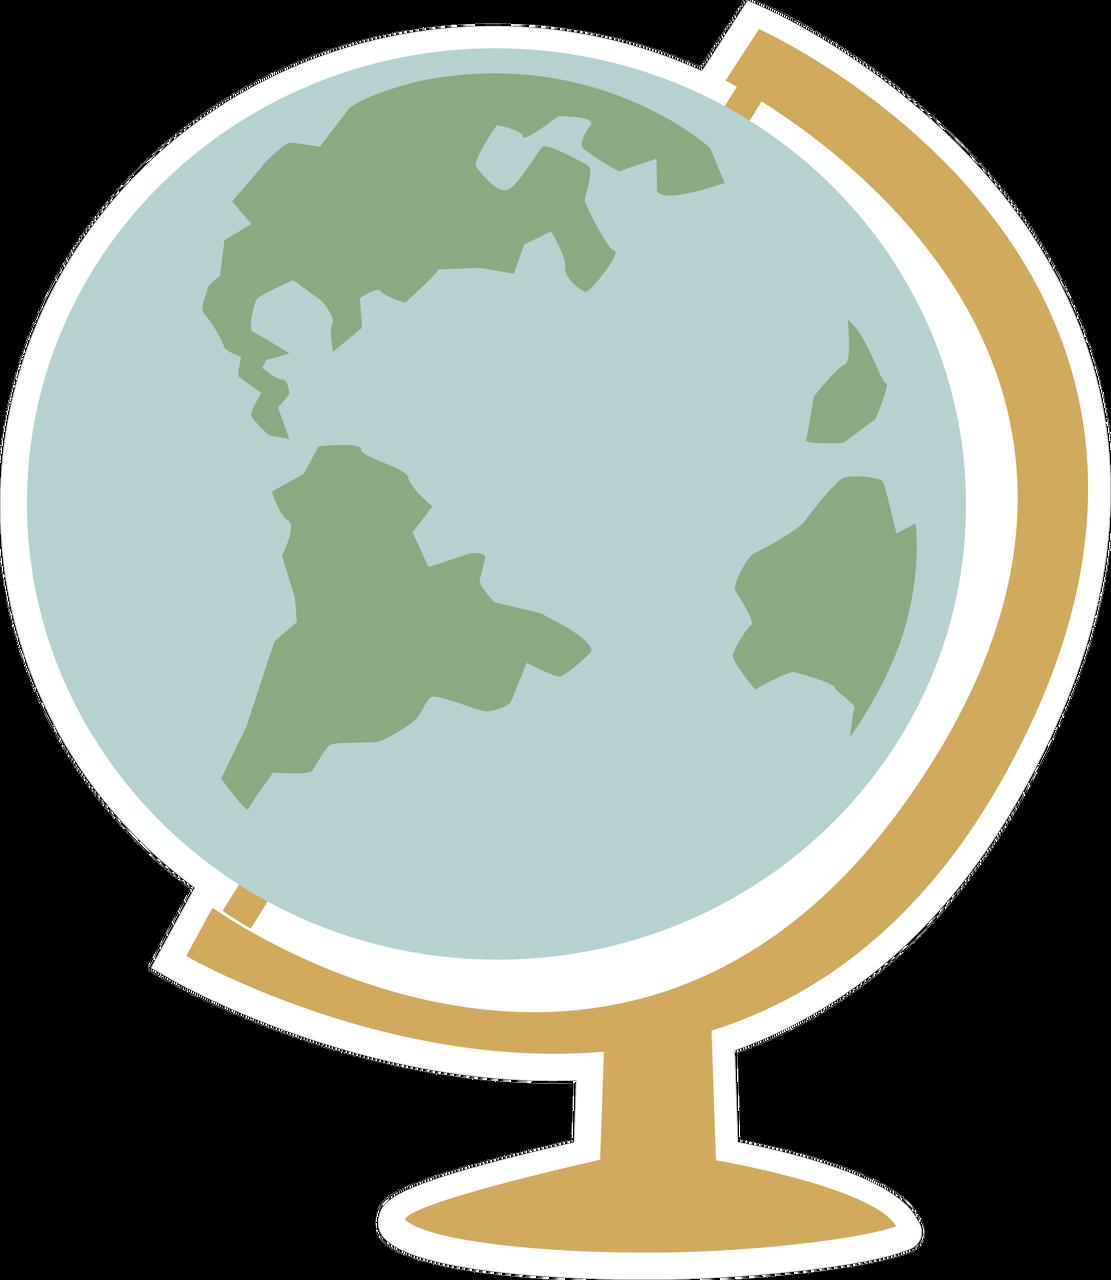 Globe SVG Cut File